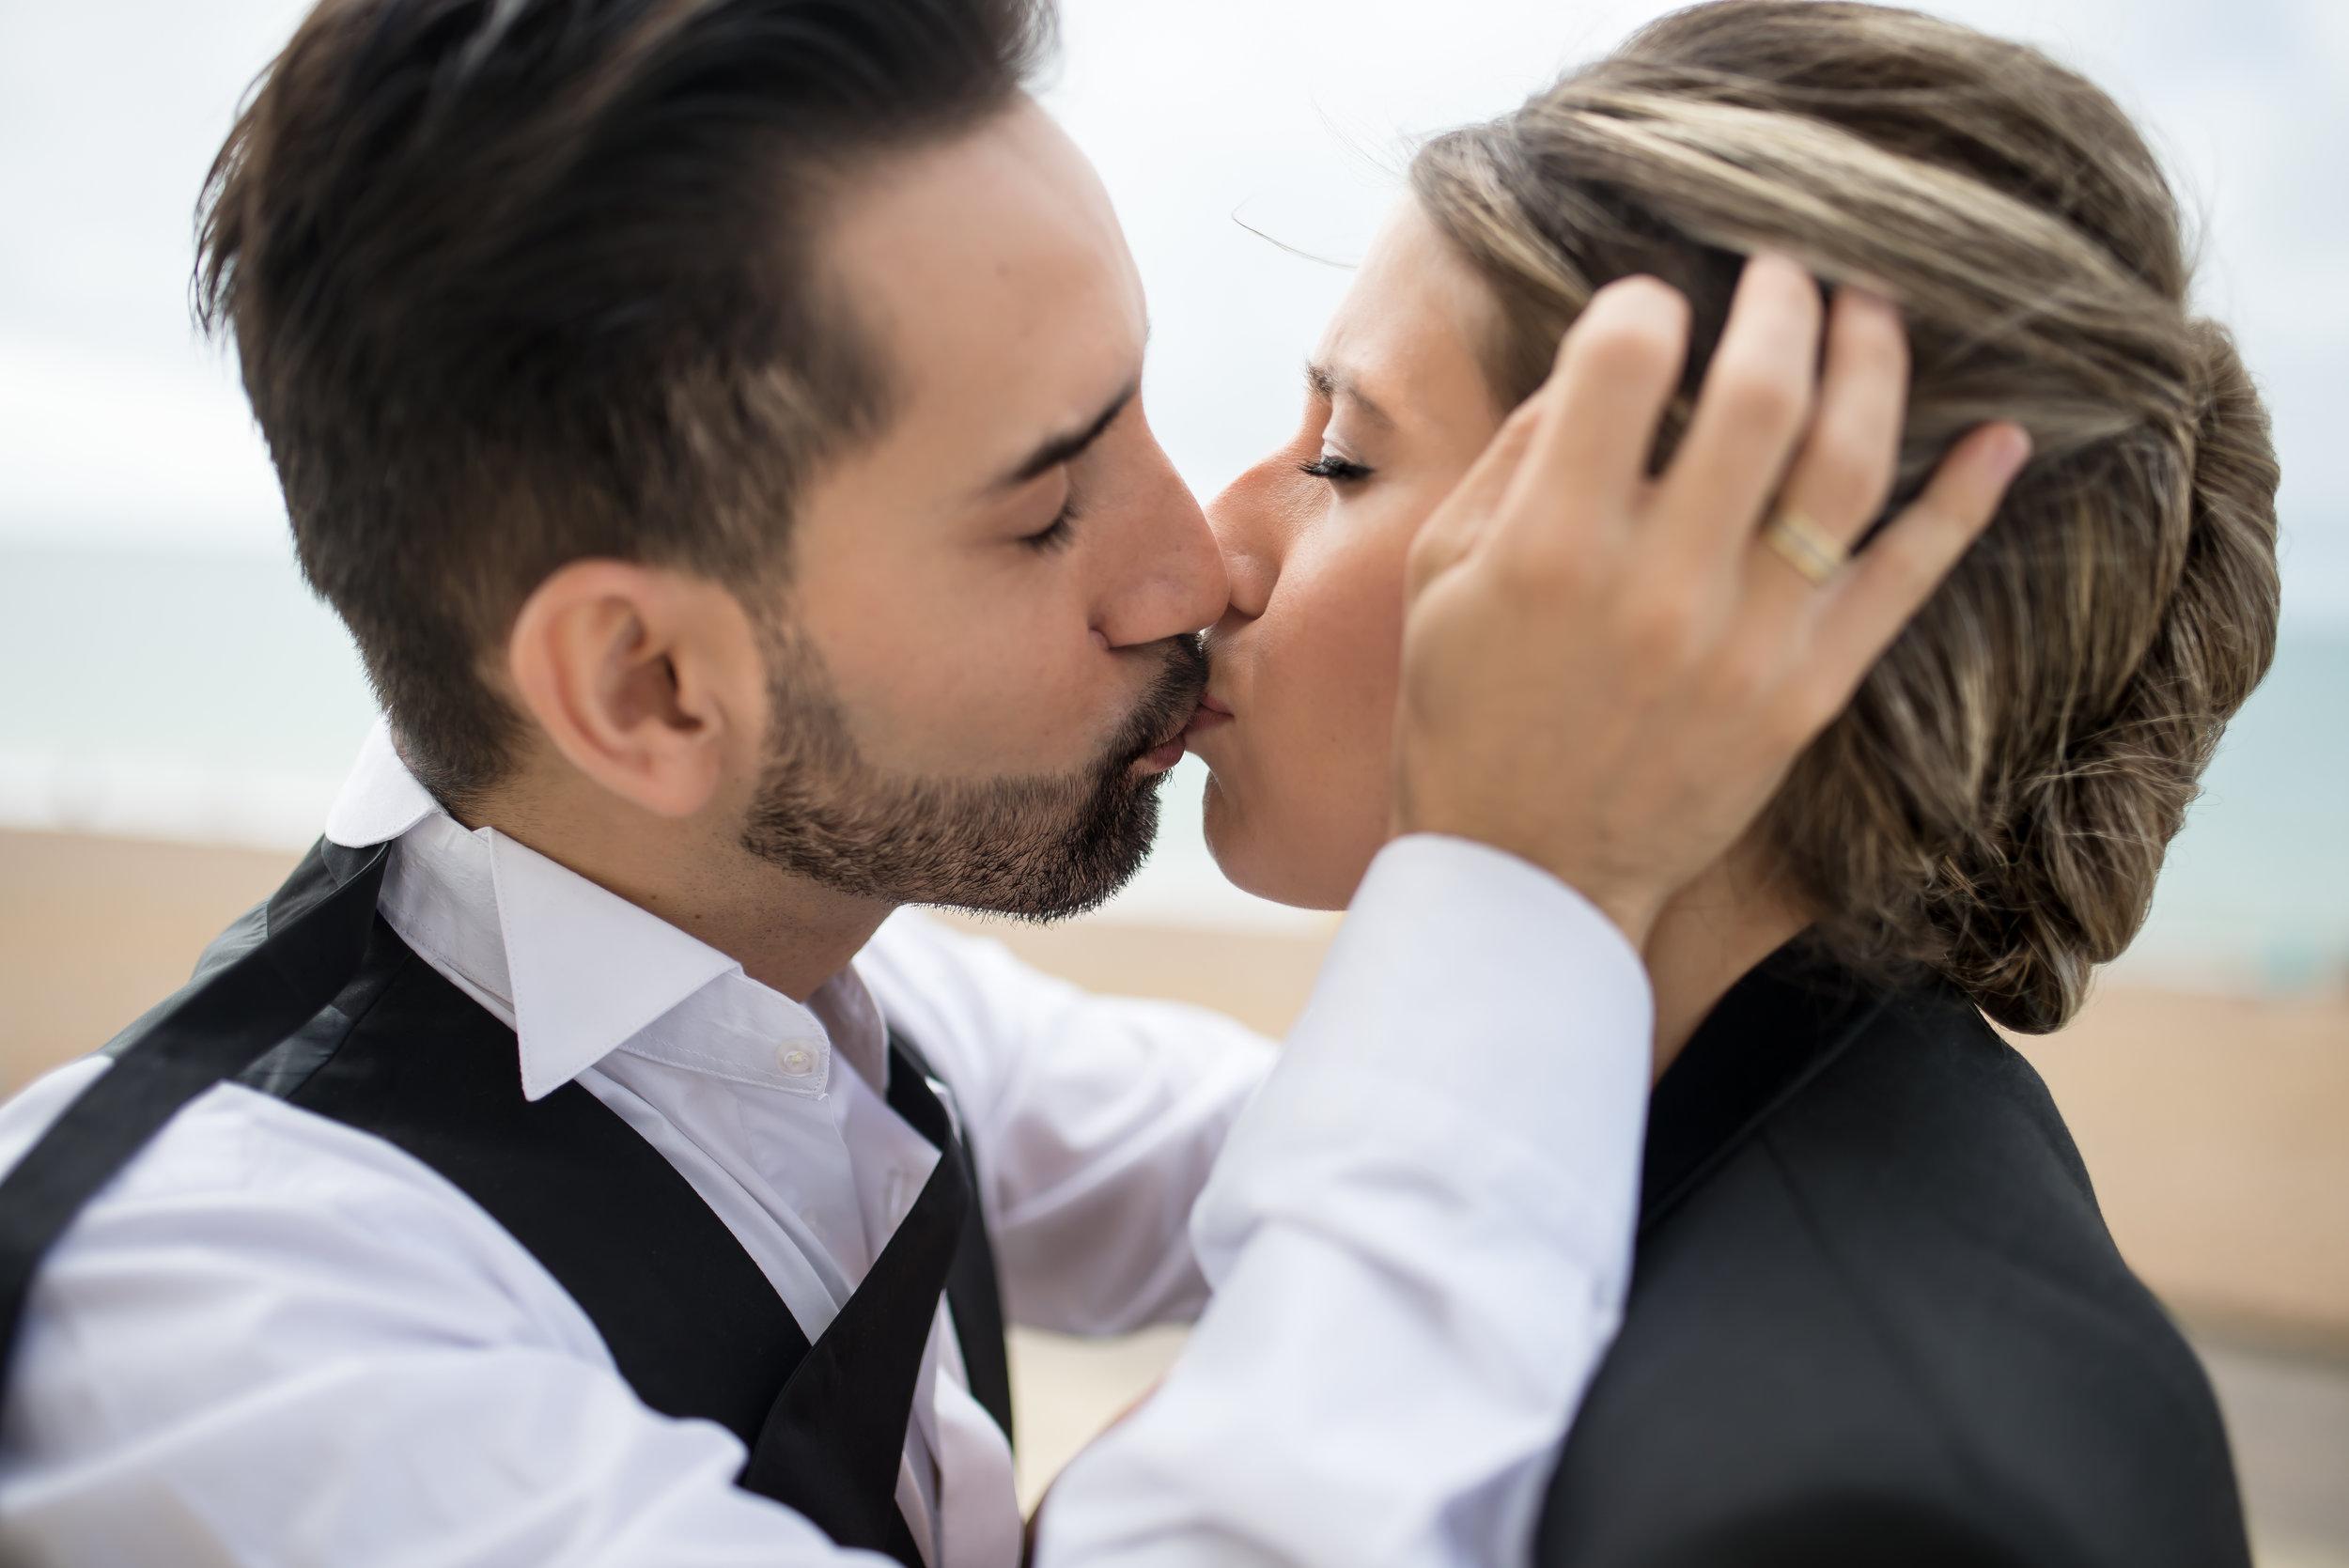 Stefania and Juan kiss